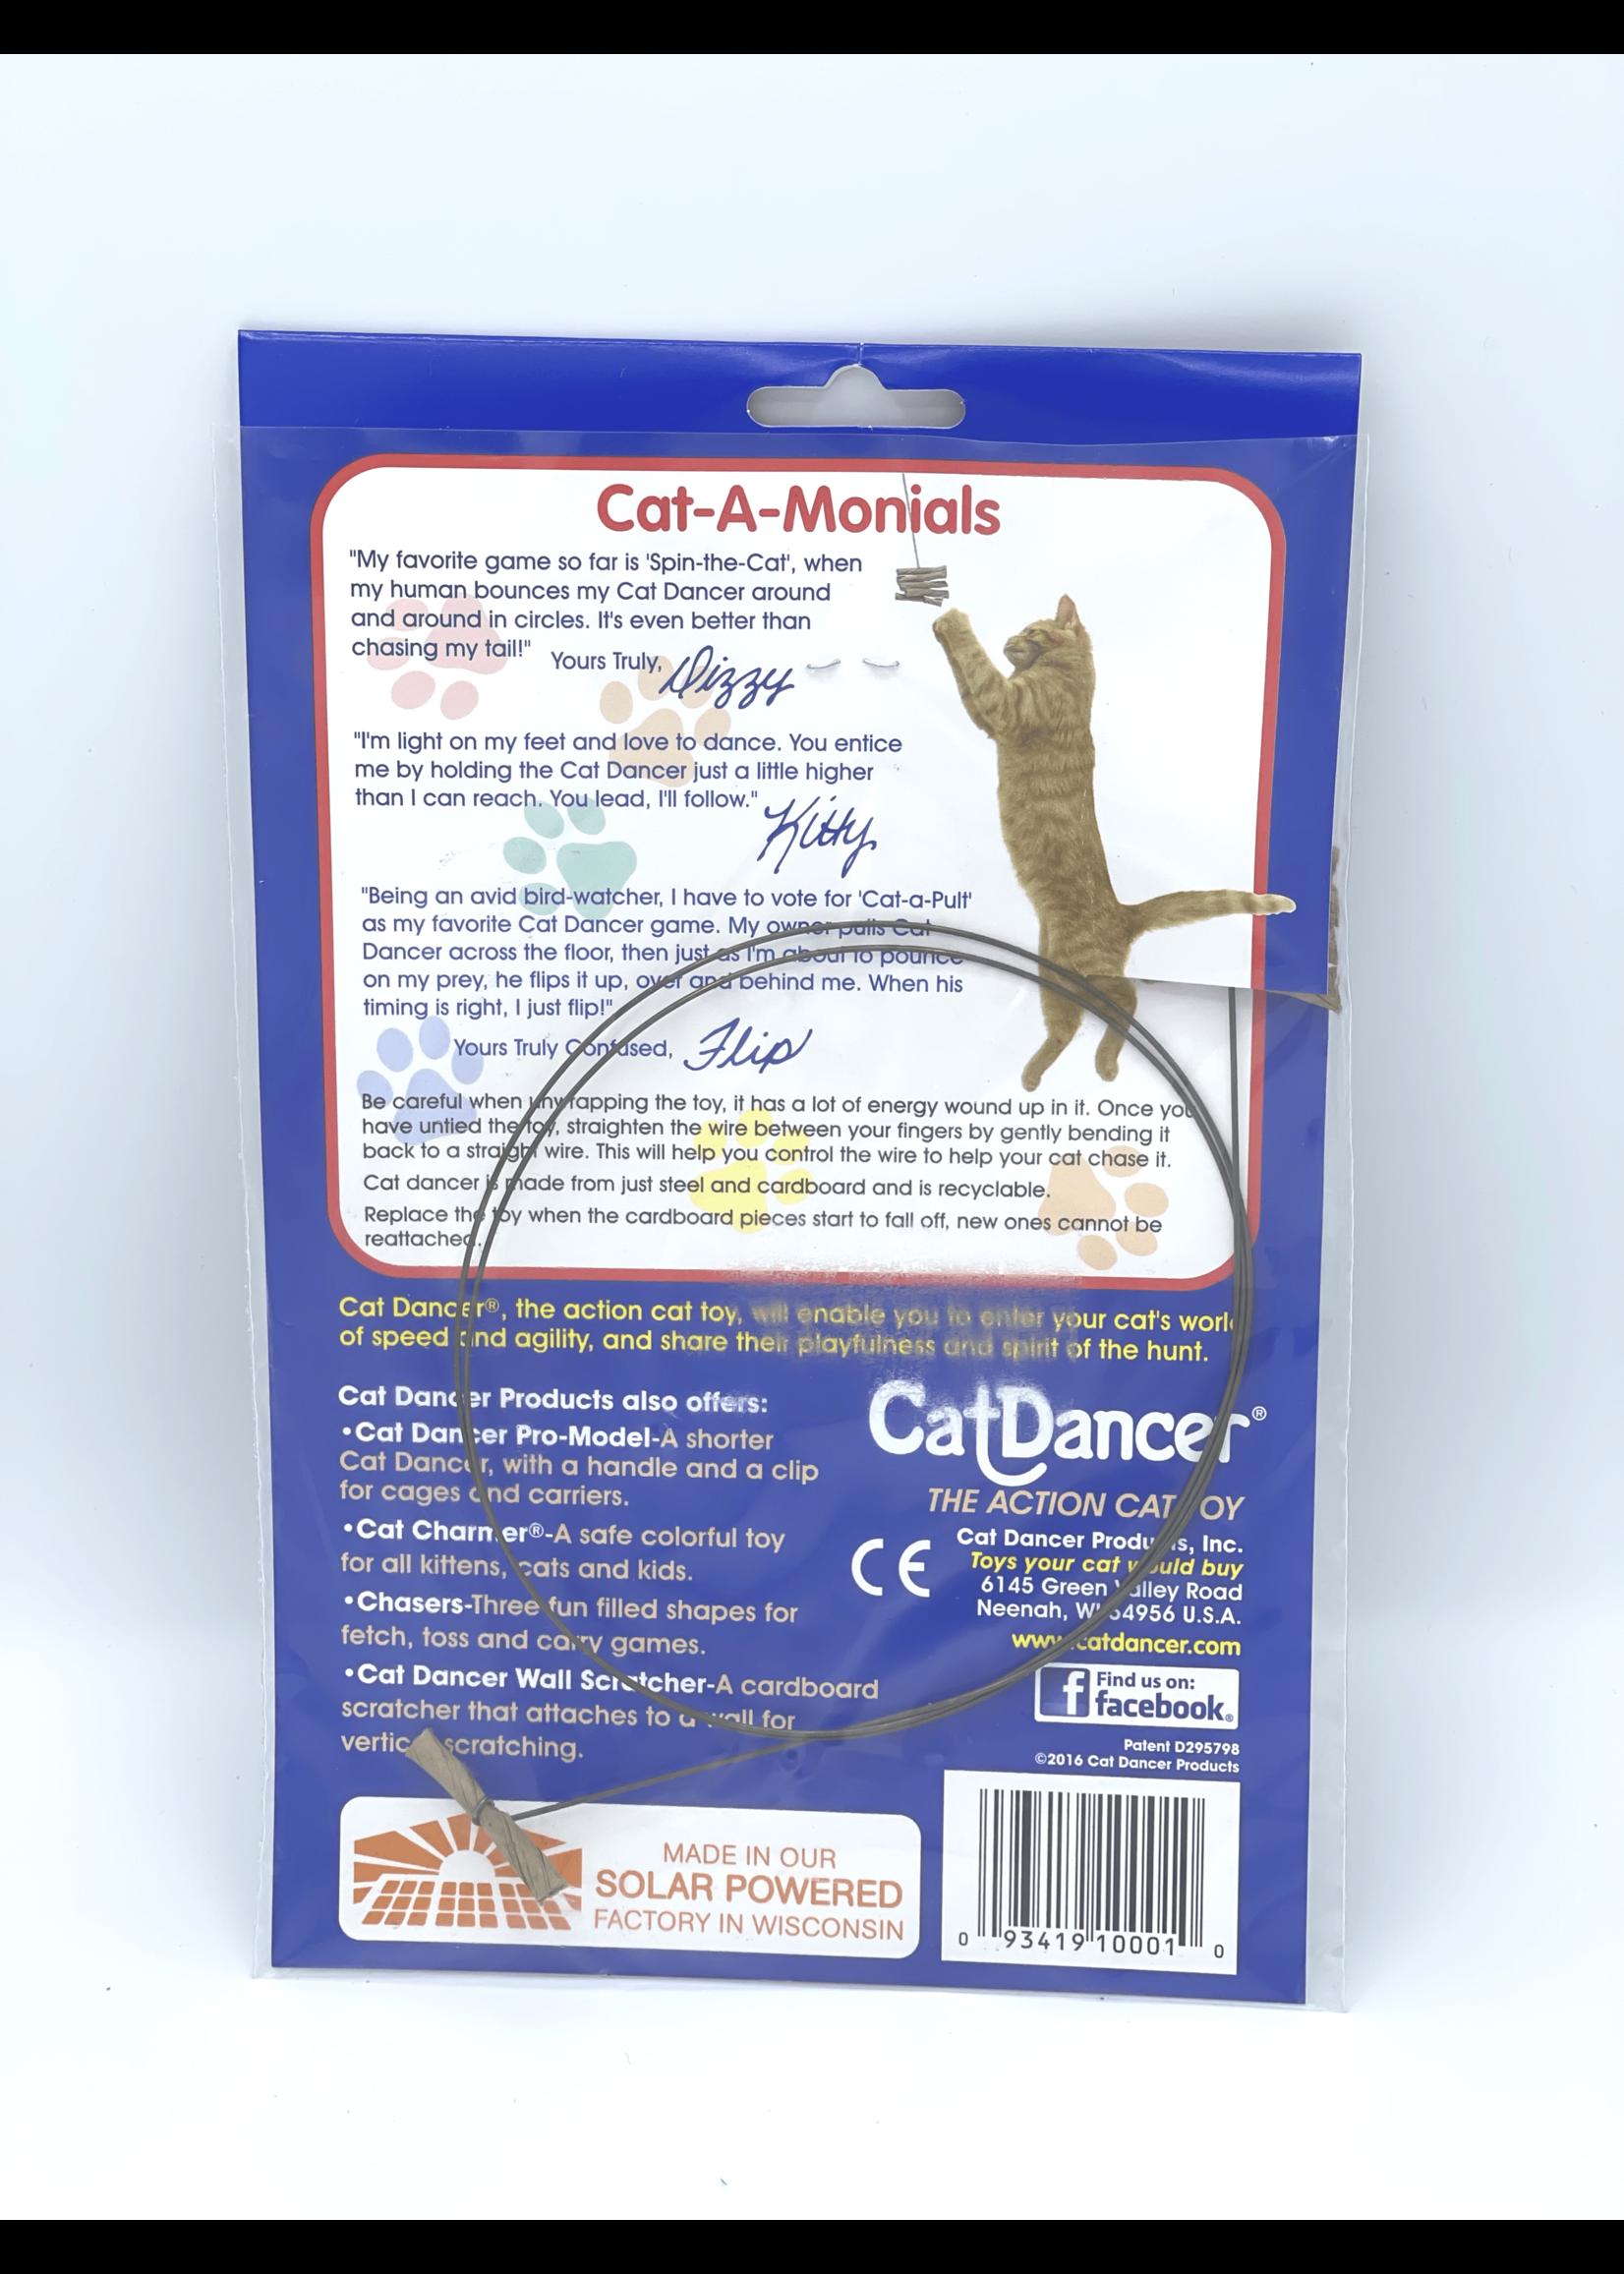 CatDancer Cat Dancer Original Cat Toy